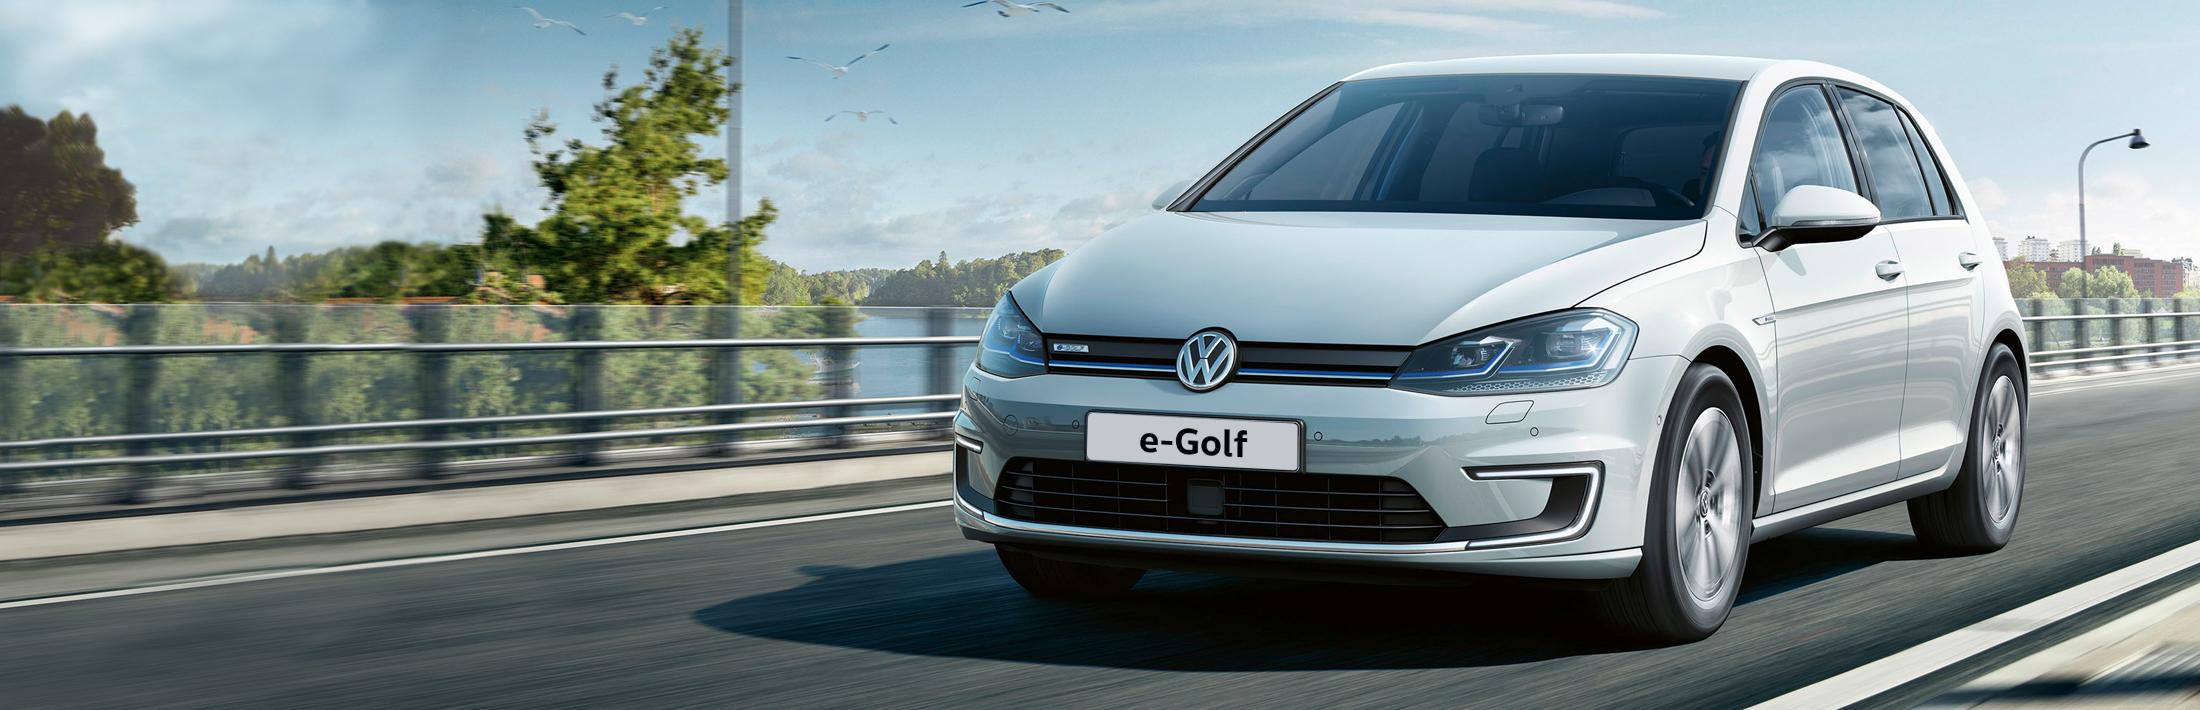 E-Golf Offer Slider 1